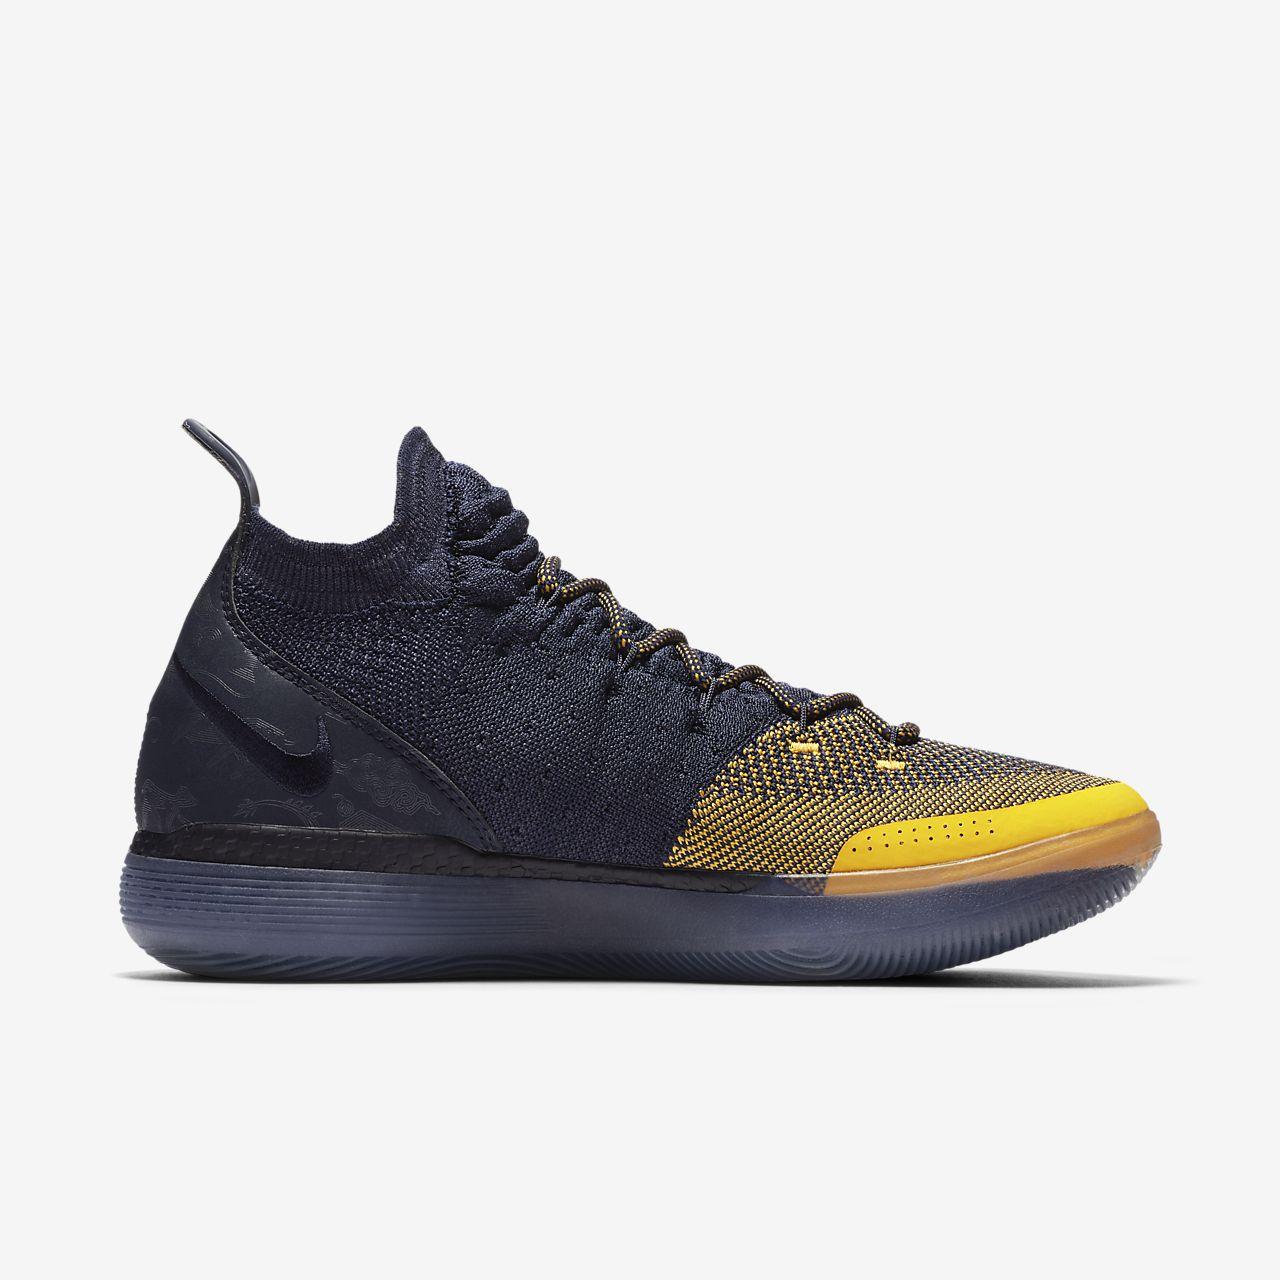 fd2ce0023df4 Nike Zoom KD11 Basketball Shoe. Nike.com GB